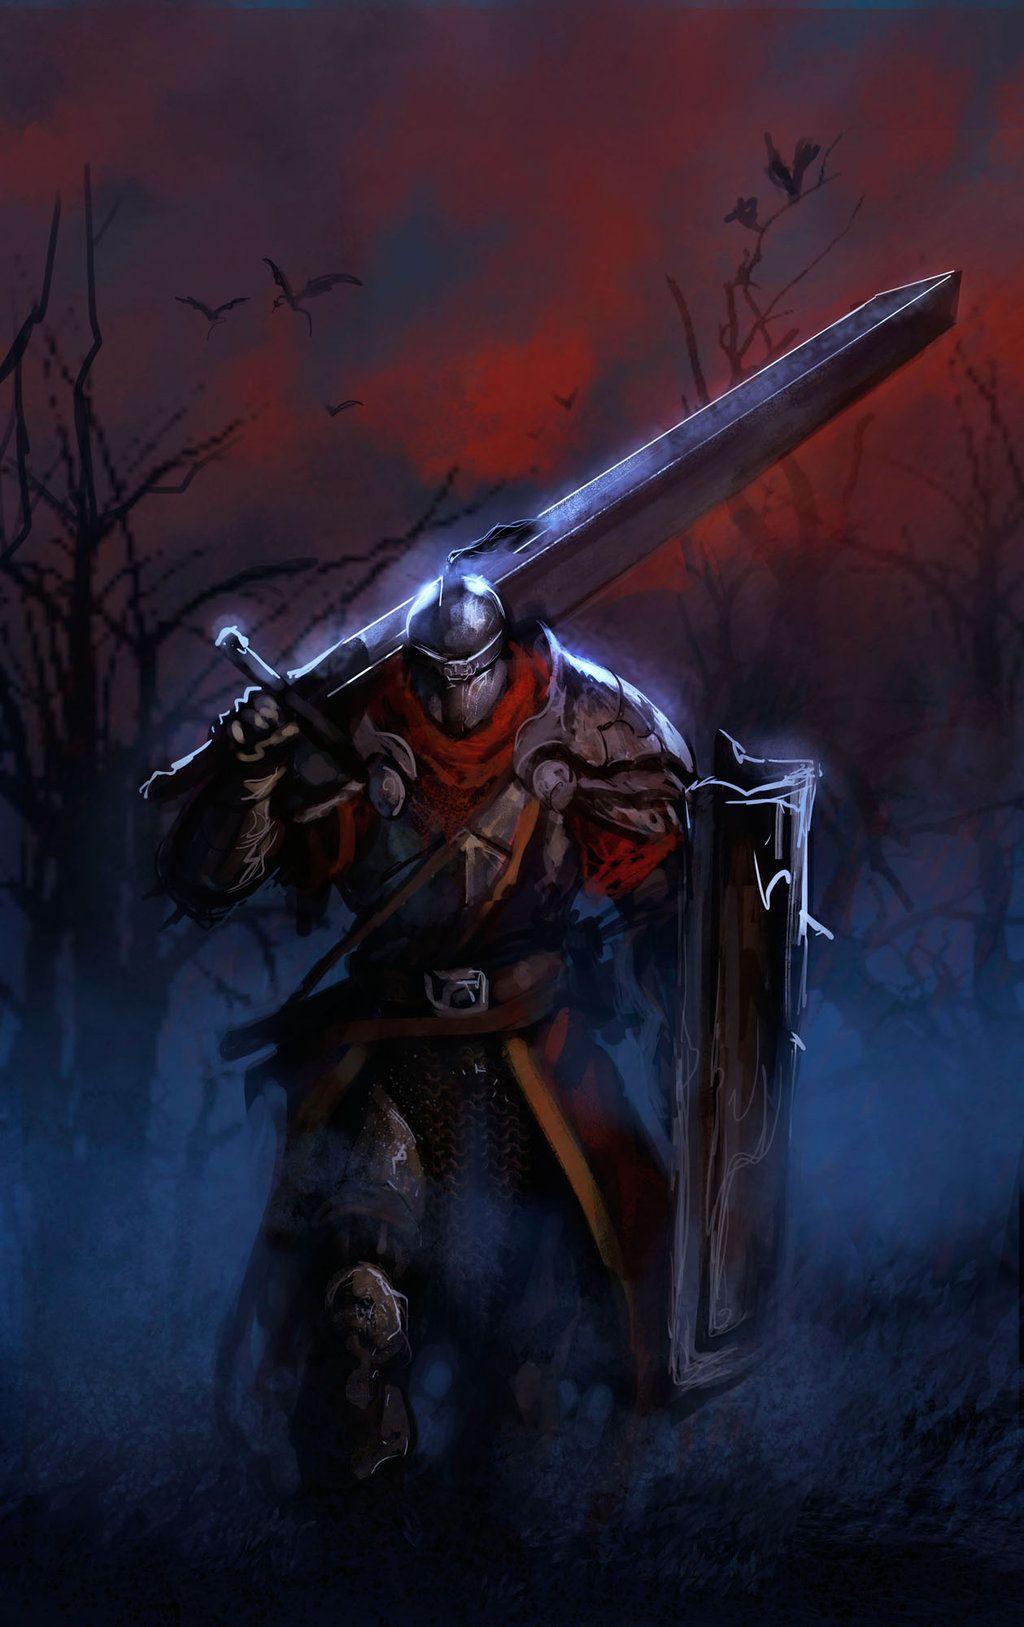 Dark Souls fanart by Dleoblack. DeviantArt